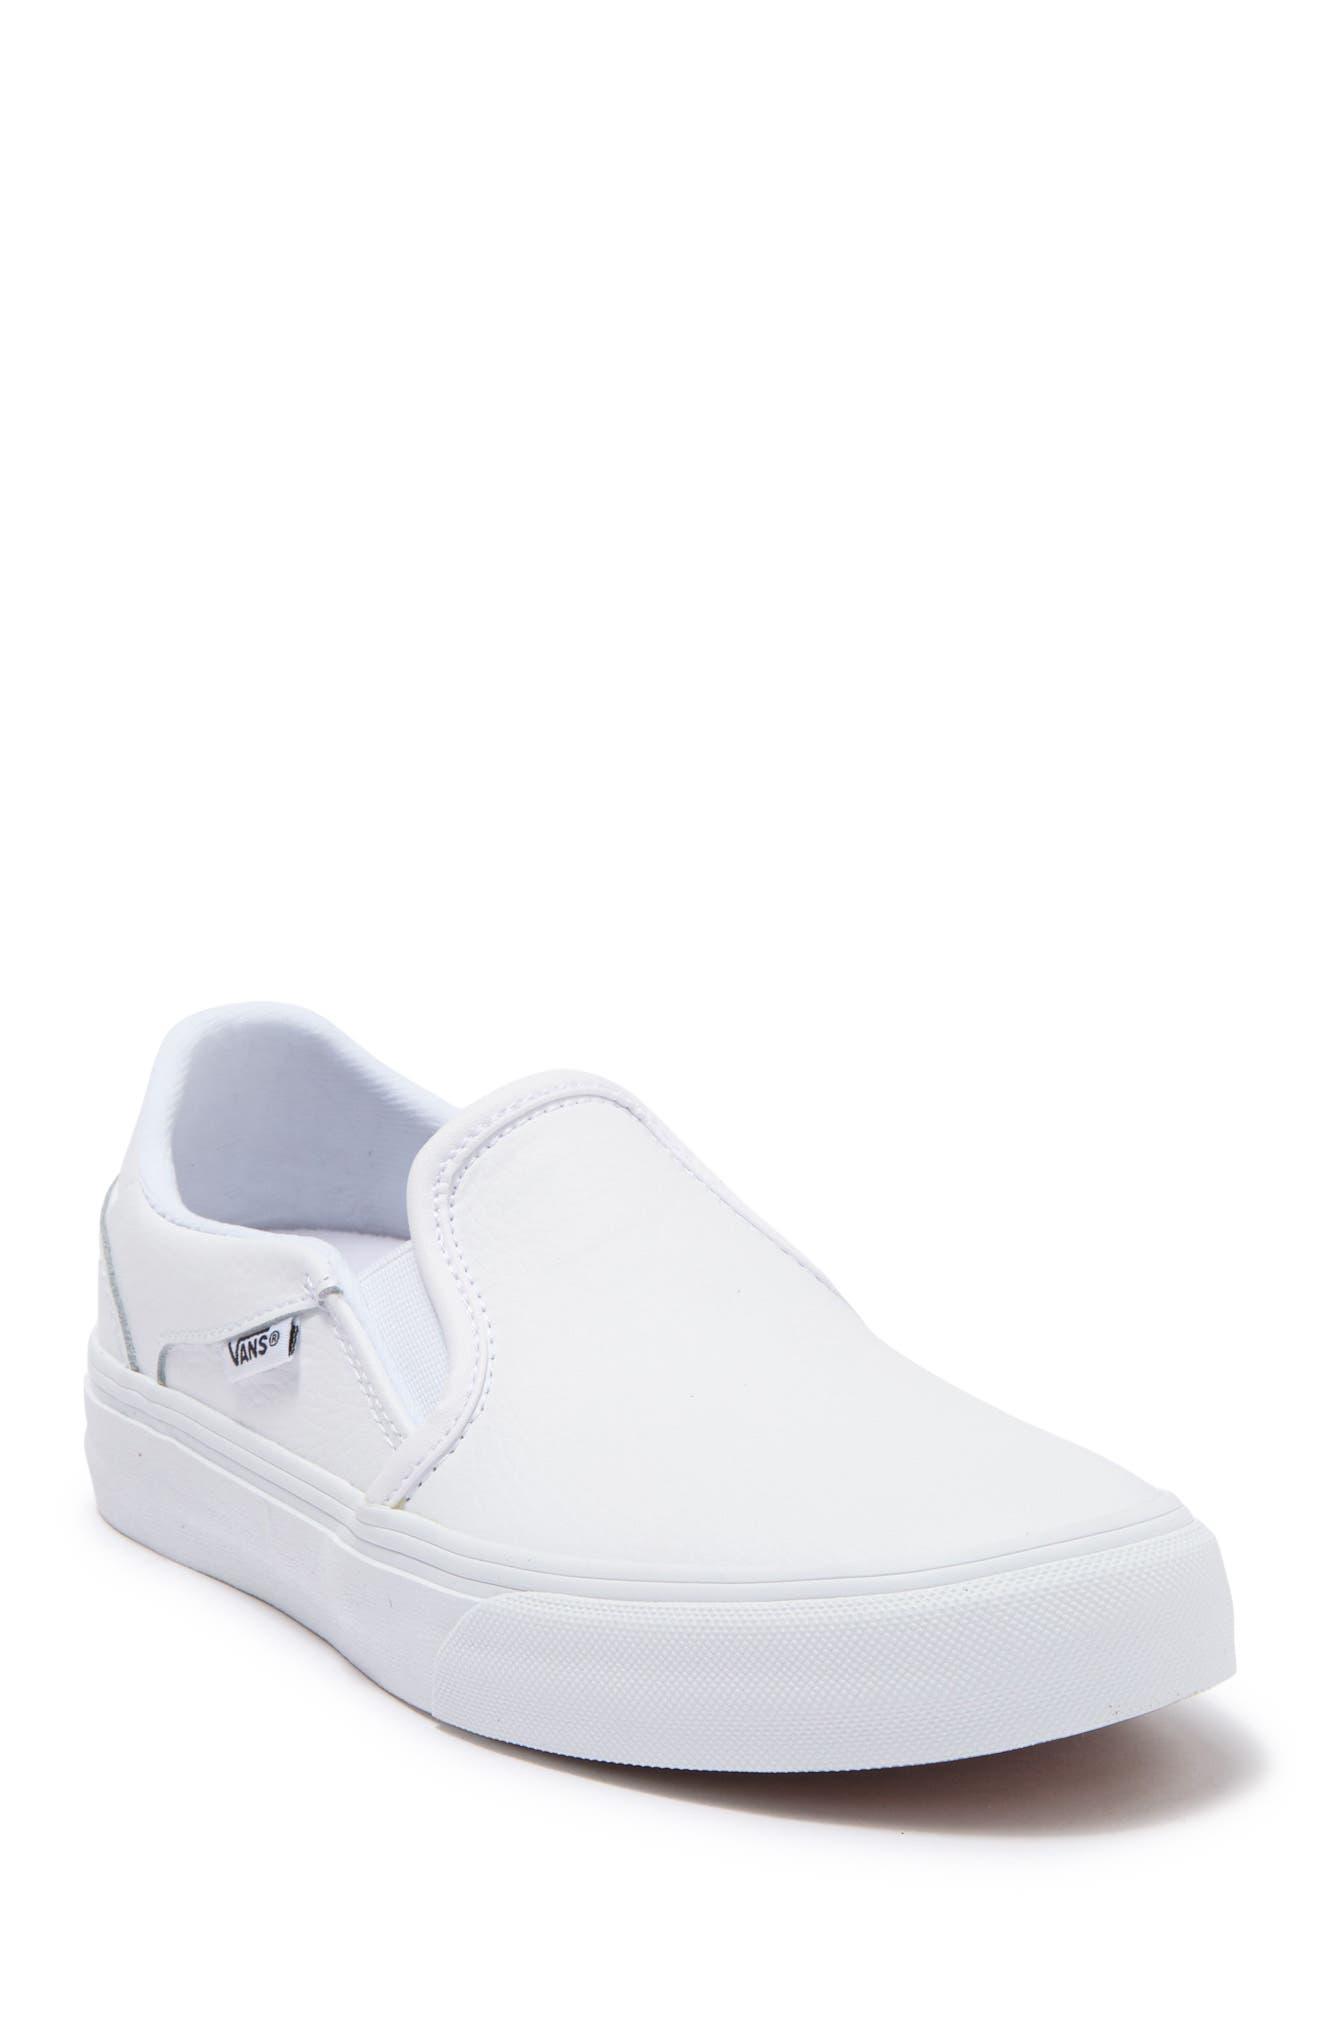 Image of VANS Asher Deluxe Slip-On Sneaker